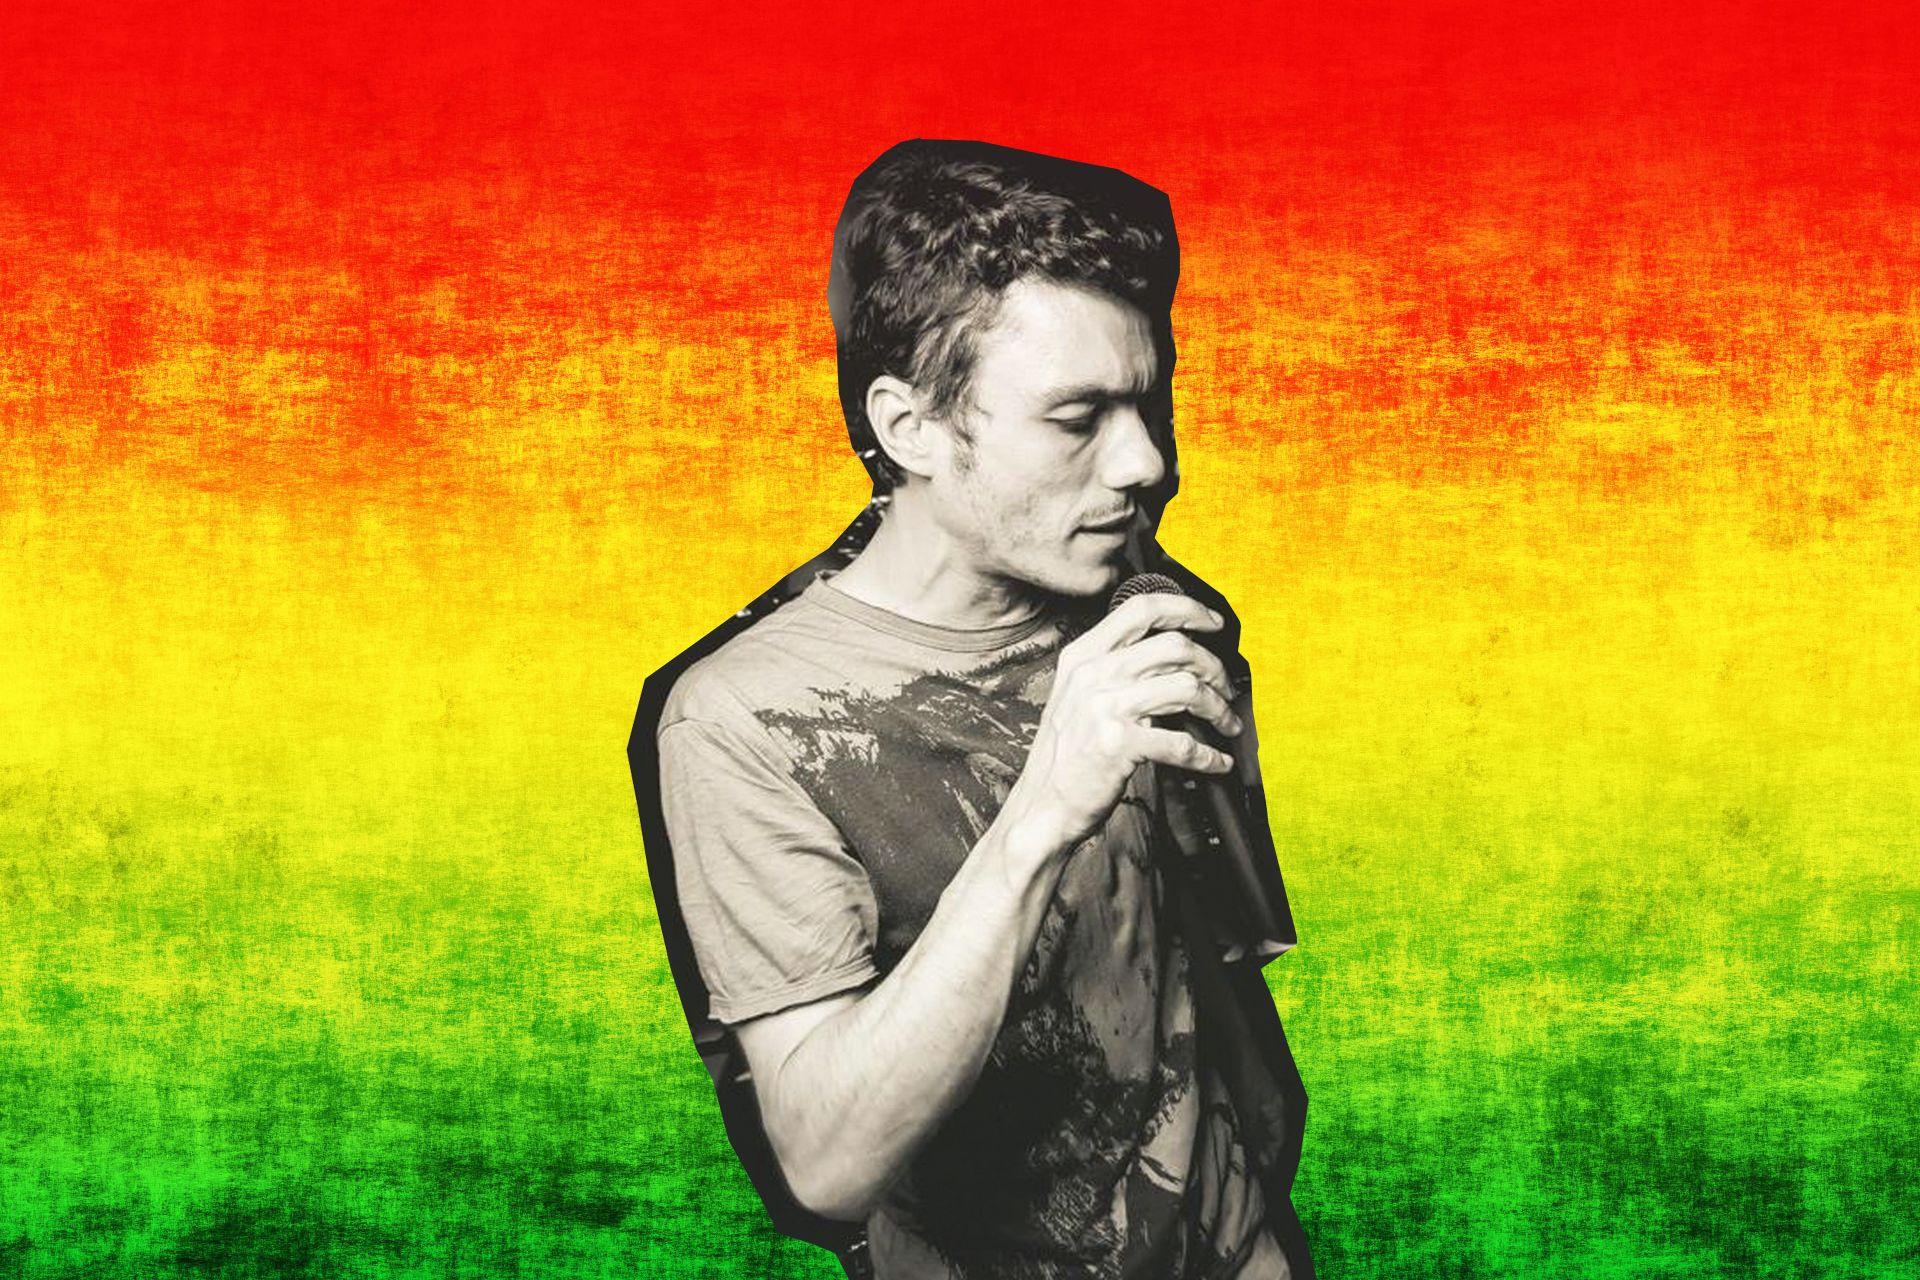 El concierto de reggae en Valencia de verano 2017